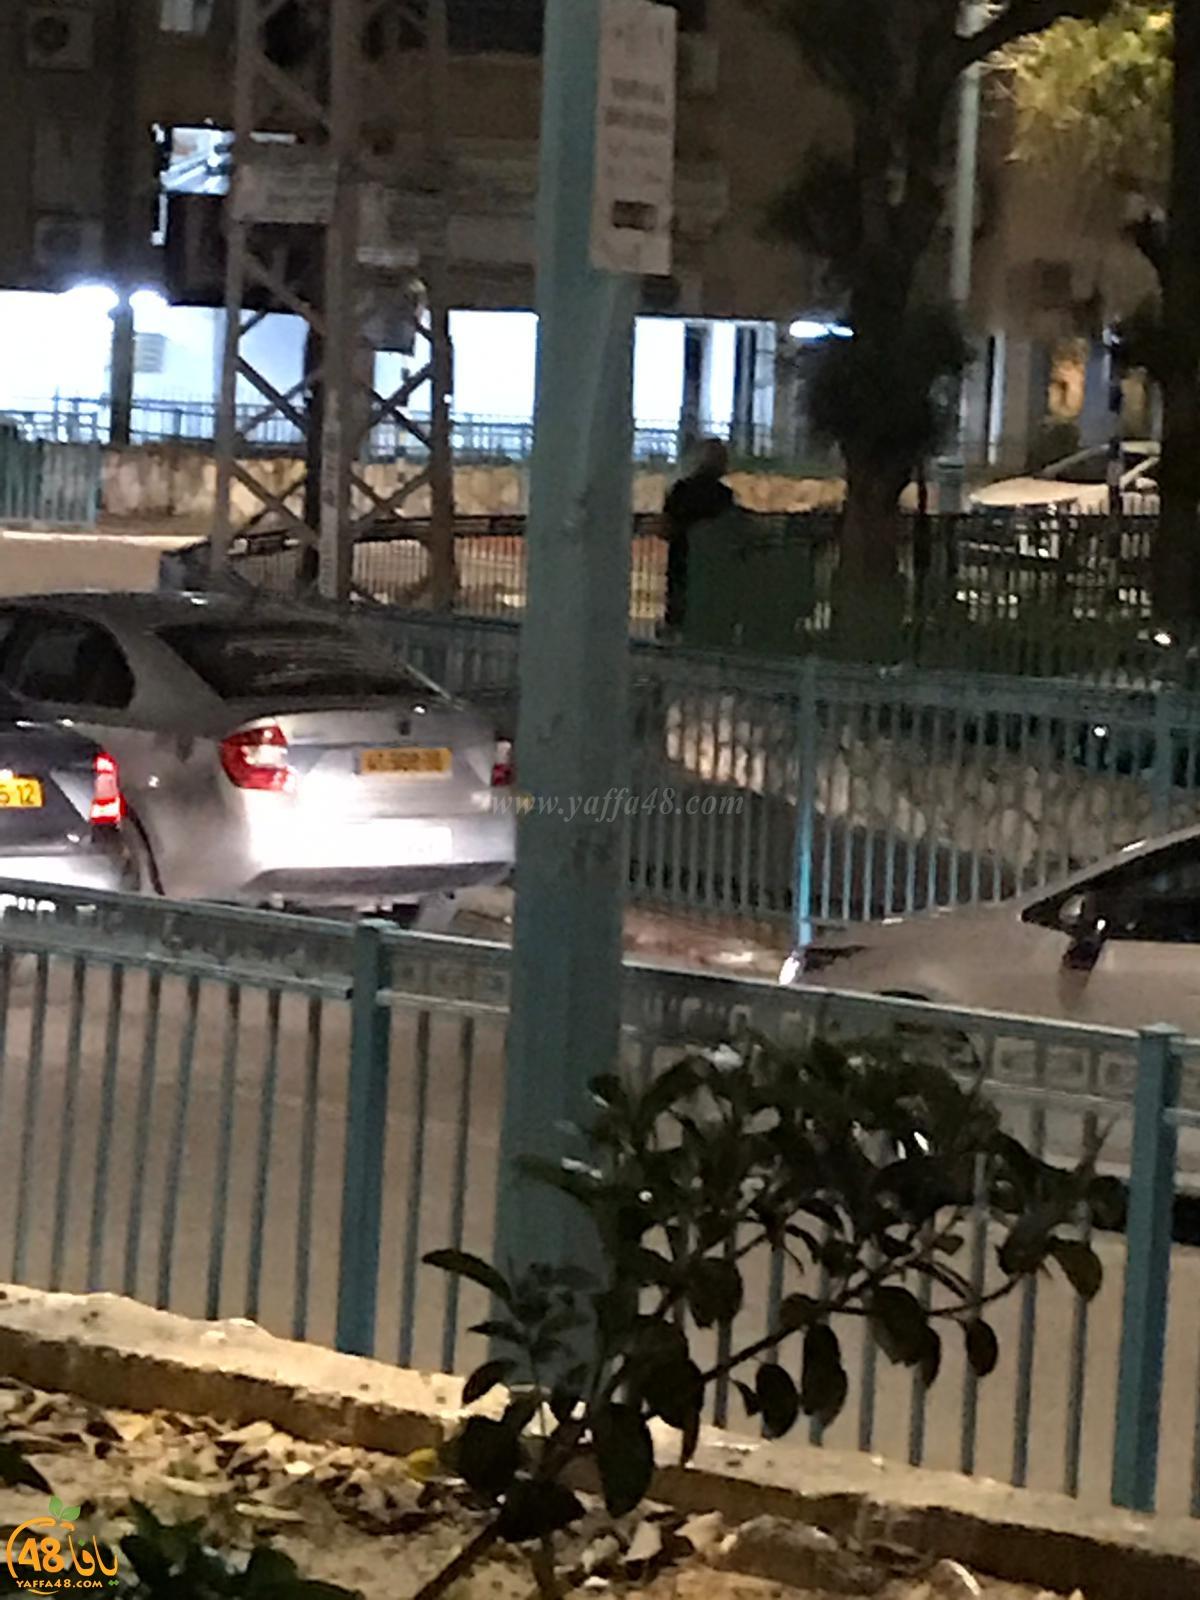 اللد: إصابة متوسطة لشخص بحادثة طعن في المدينة